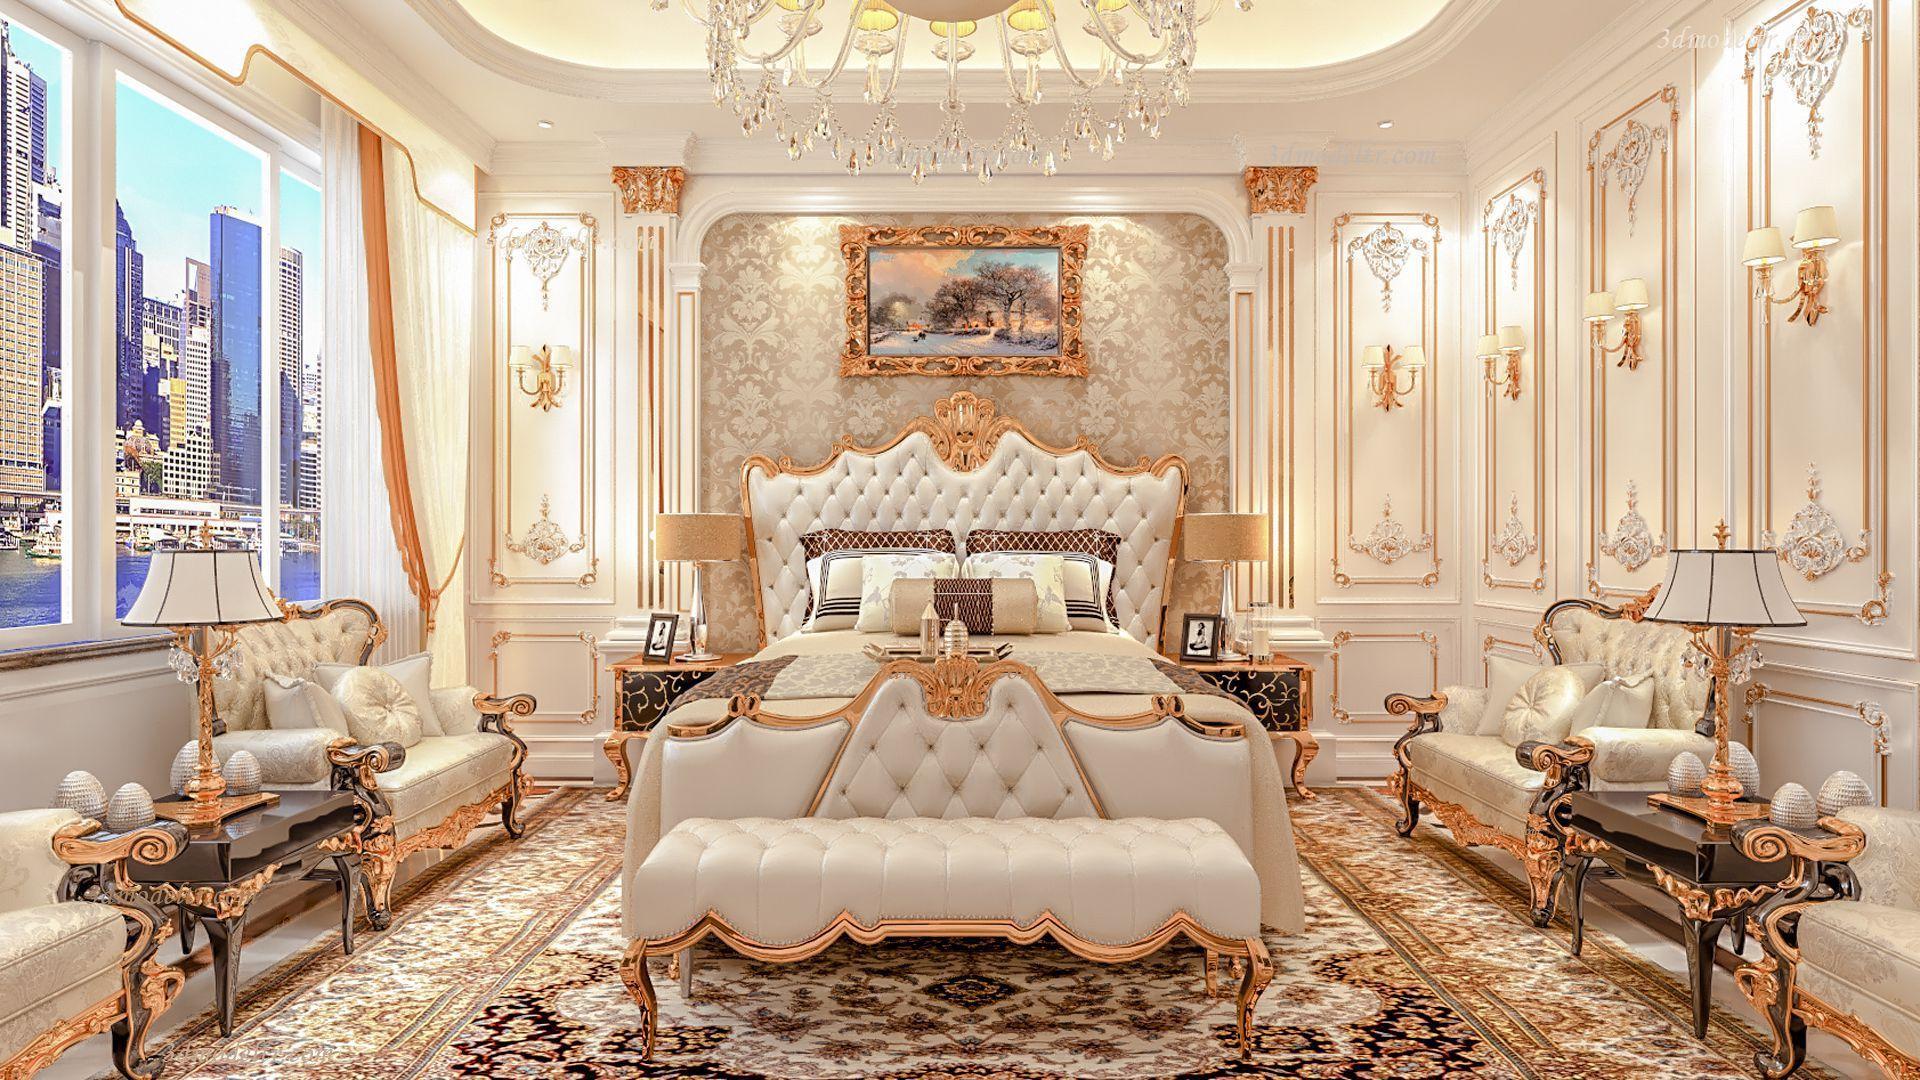 Luxury Livingroom 3dmodeltr Architecture Design Exterior Design 3dmodel Interior Design House Villa